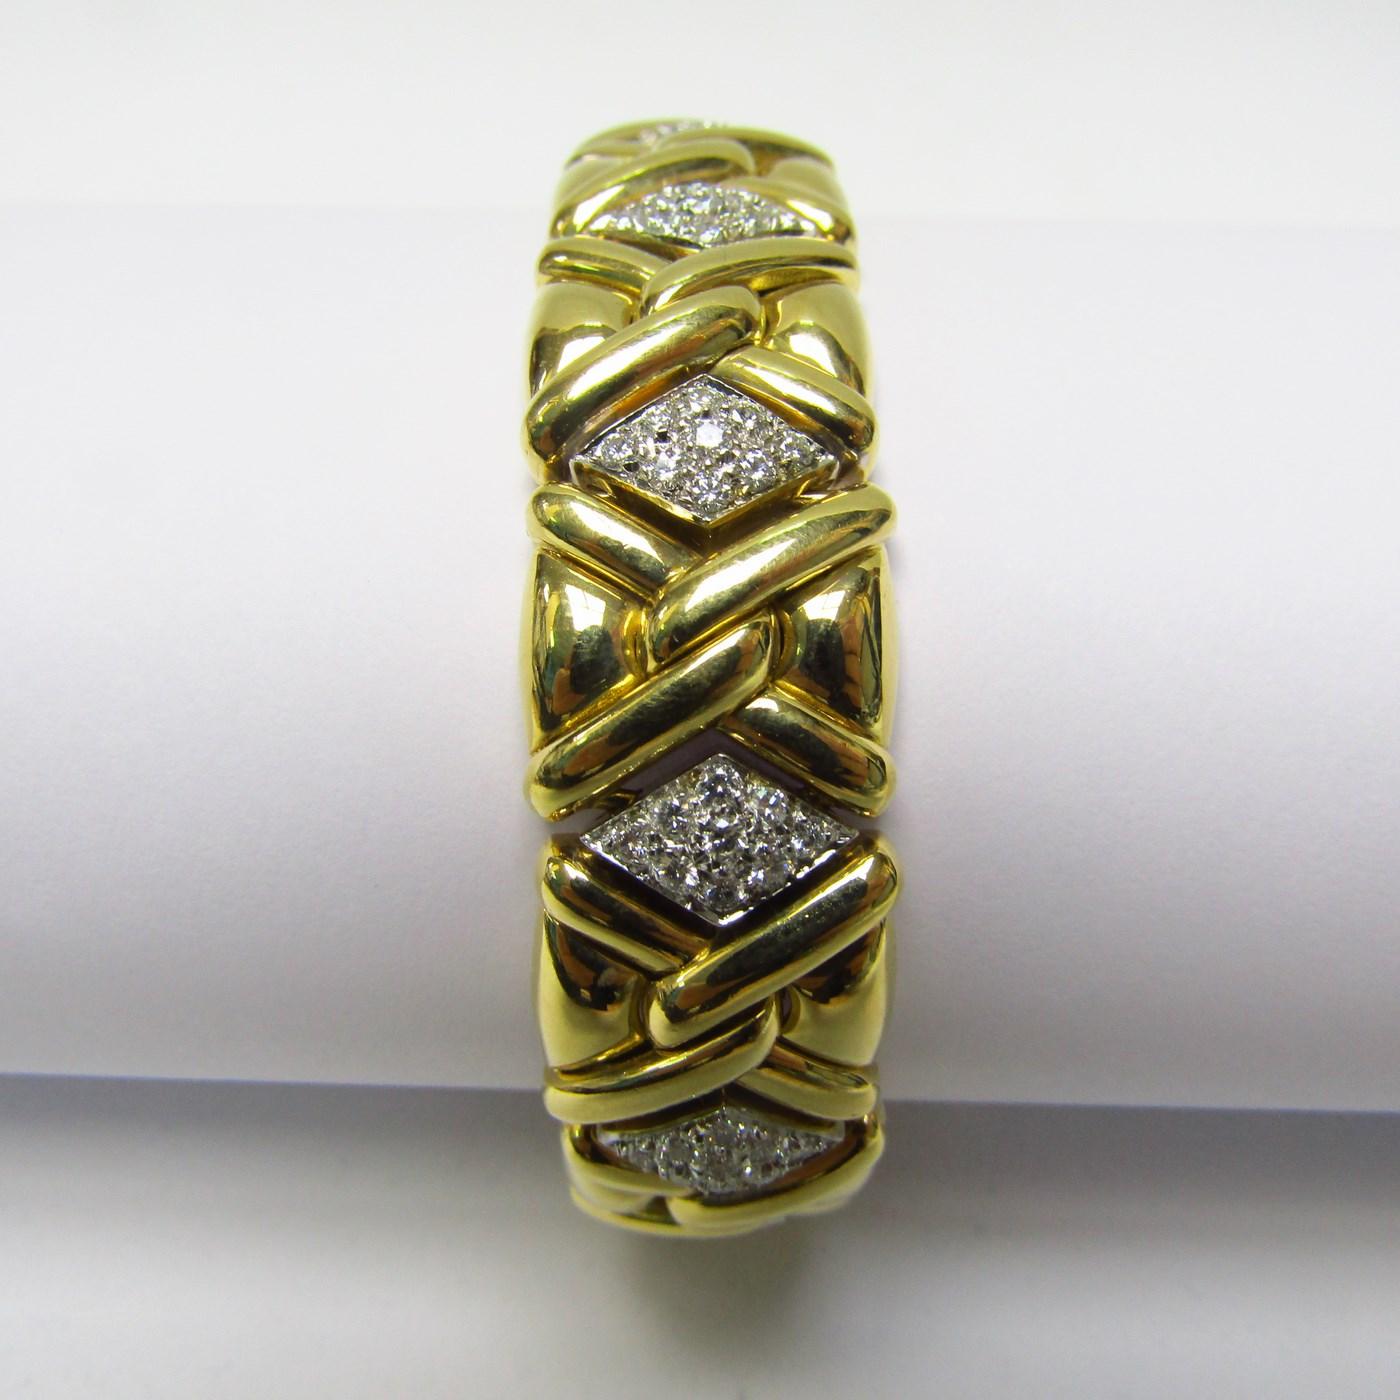 Pulsera de Oro de 18k con 117 Diamantes talla Brillante de 4,75 ct. (H-I/VS1-VS2). 78 gr.